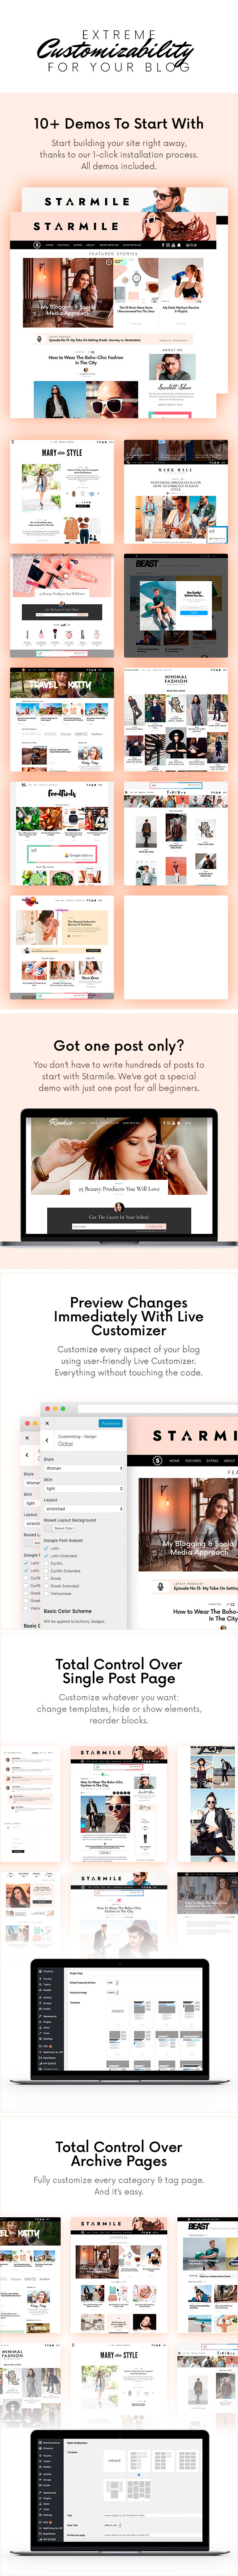 Starmile Blog Monetization WordPress Theme - Einfach anzupassen